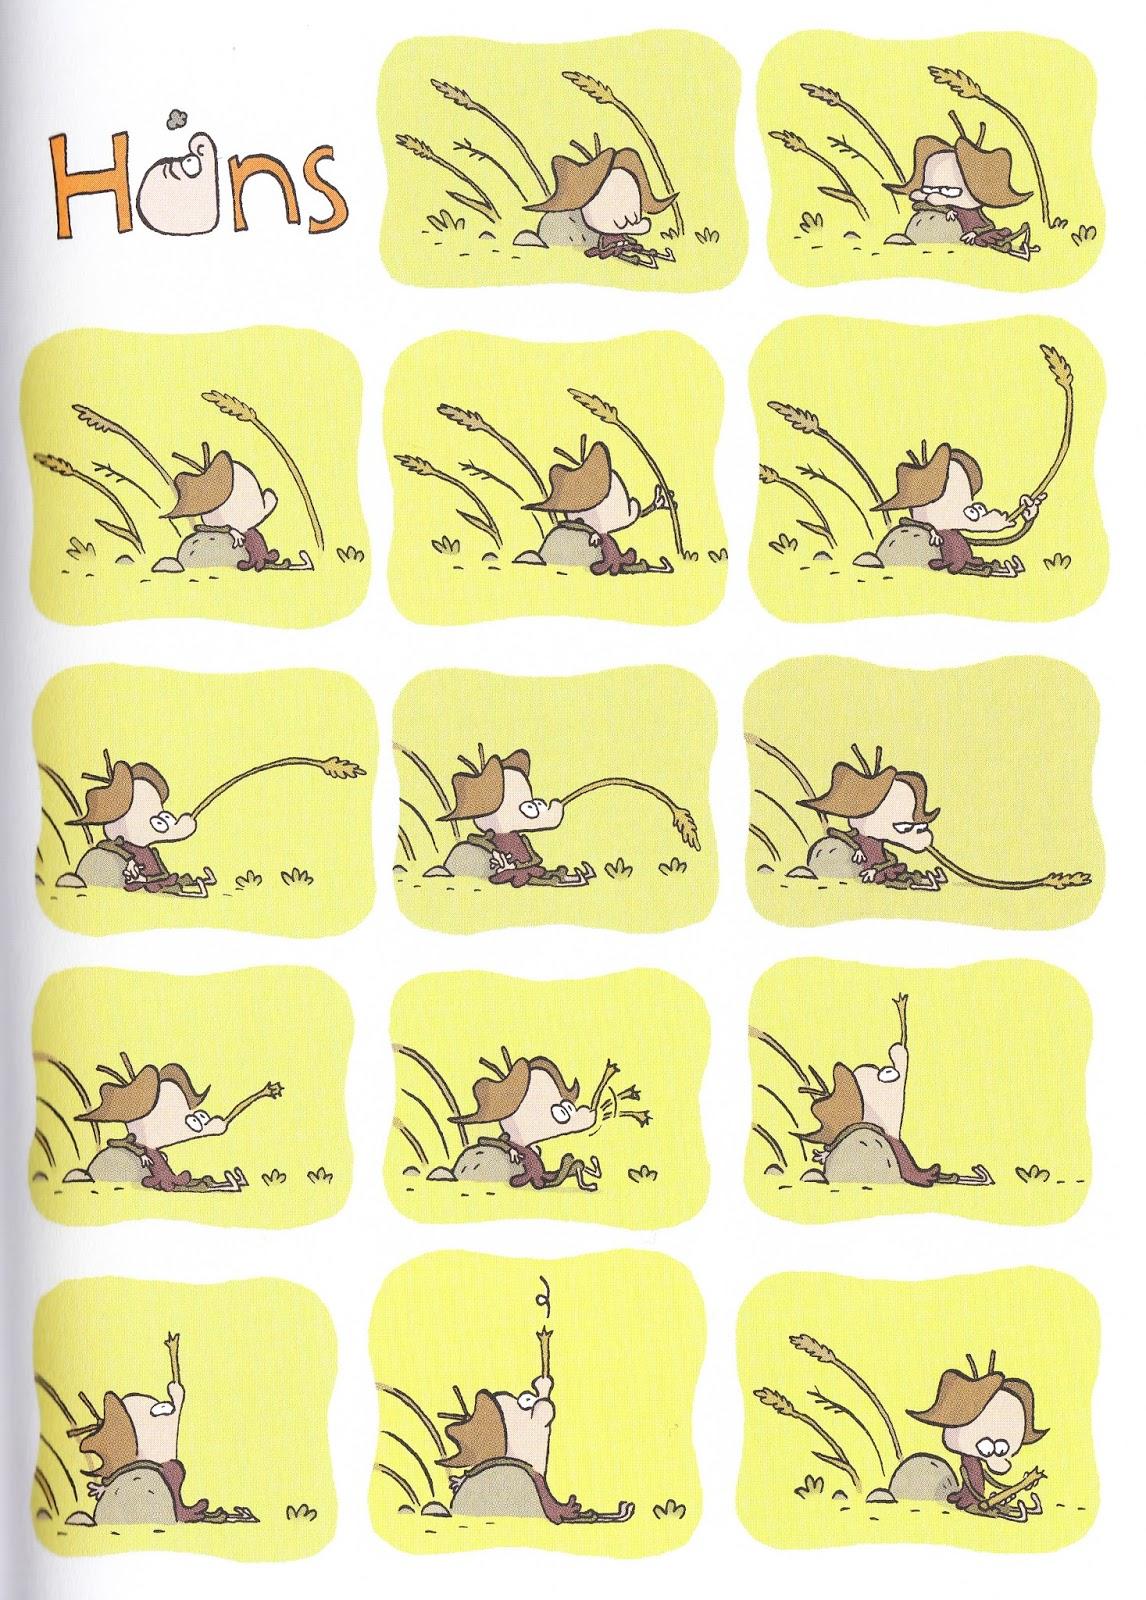 Le zouave interplan taire la bande dessin e raconte de multiples histoires toutes petites - Comment dessiner un schtroumpf ...